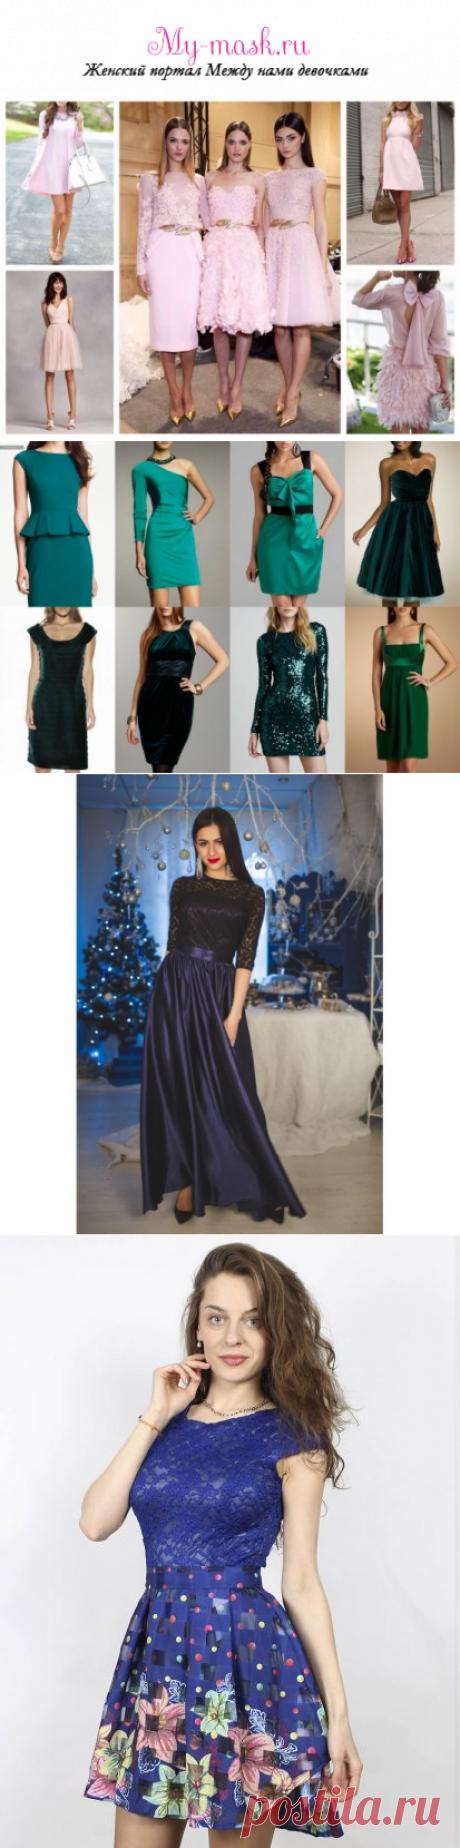 Какое платье надеть на Новый год 2019: цветовая гамма, фасоны, какая ткань лучше